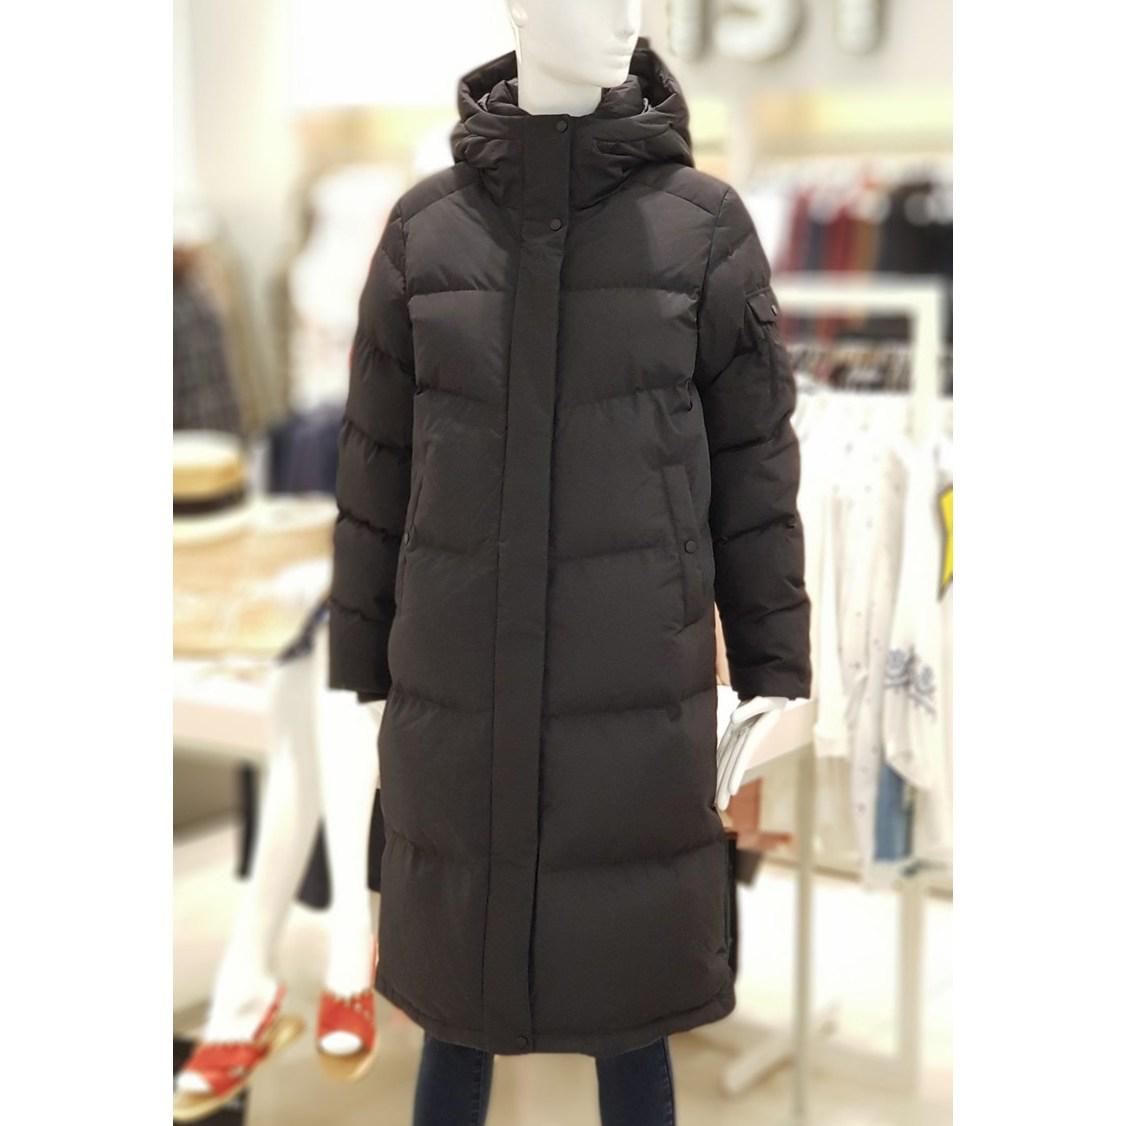 [리스트] 추운겨울 한파에 따뜻하게 편안하게 데일리로 입을 수 있는 후드 오리털 덕다운 롱 패딩 BK